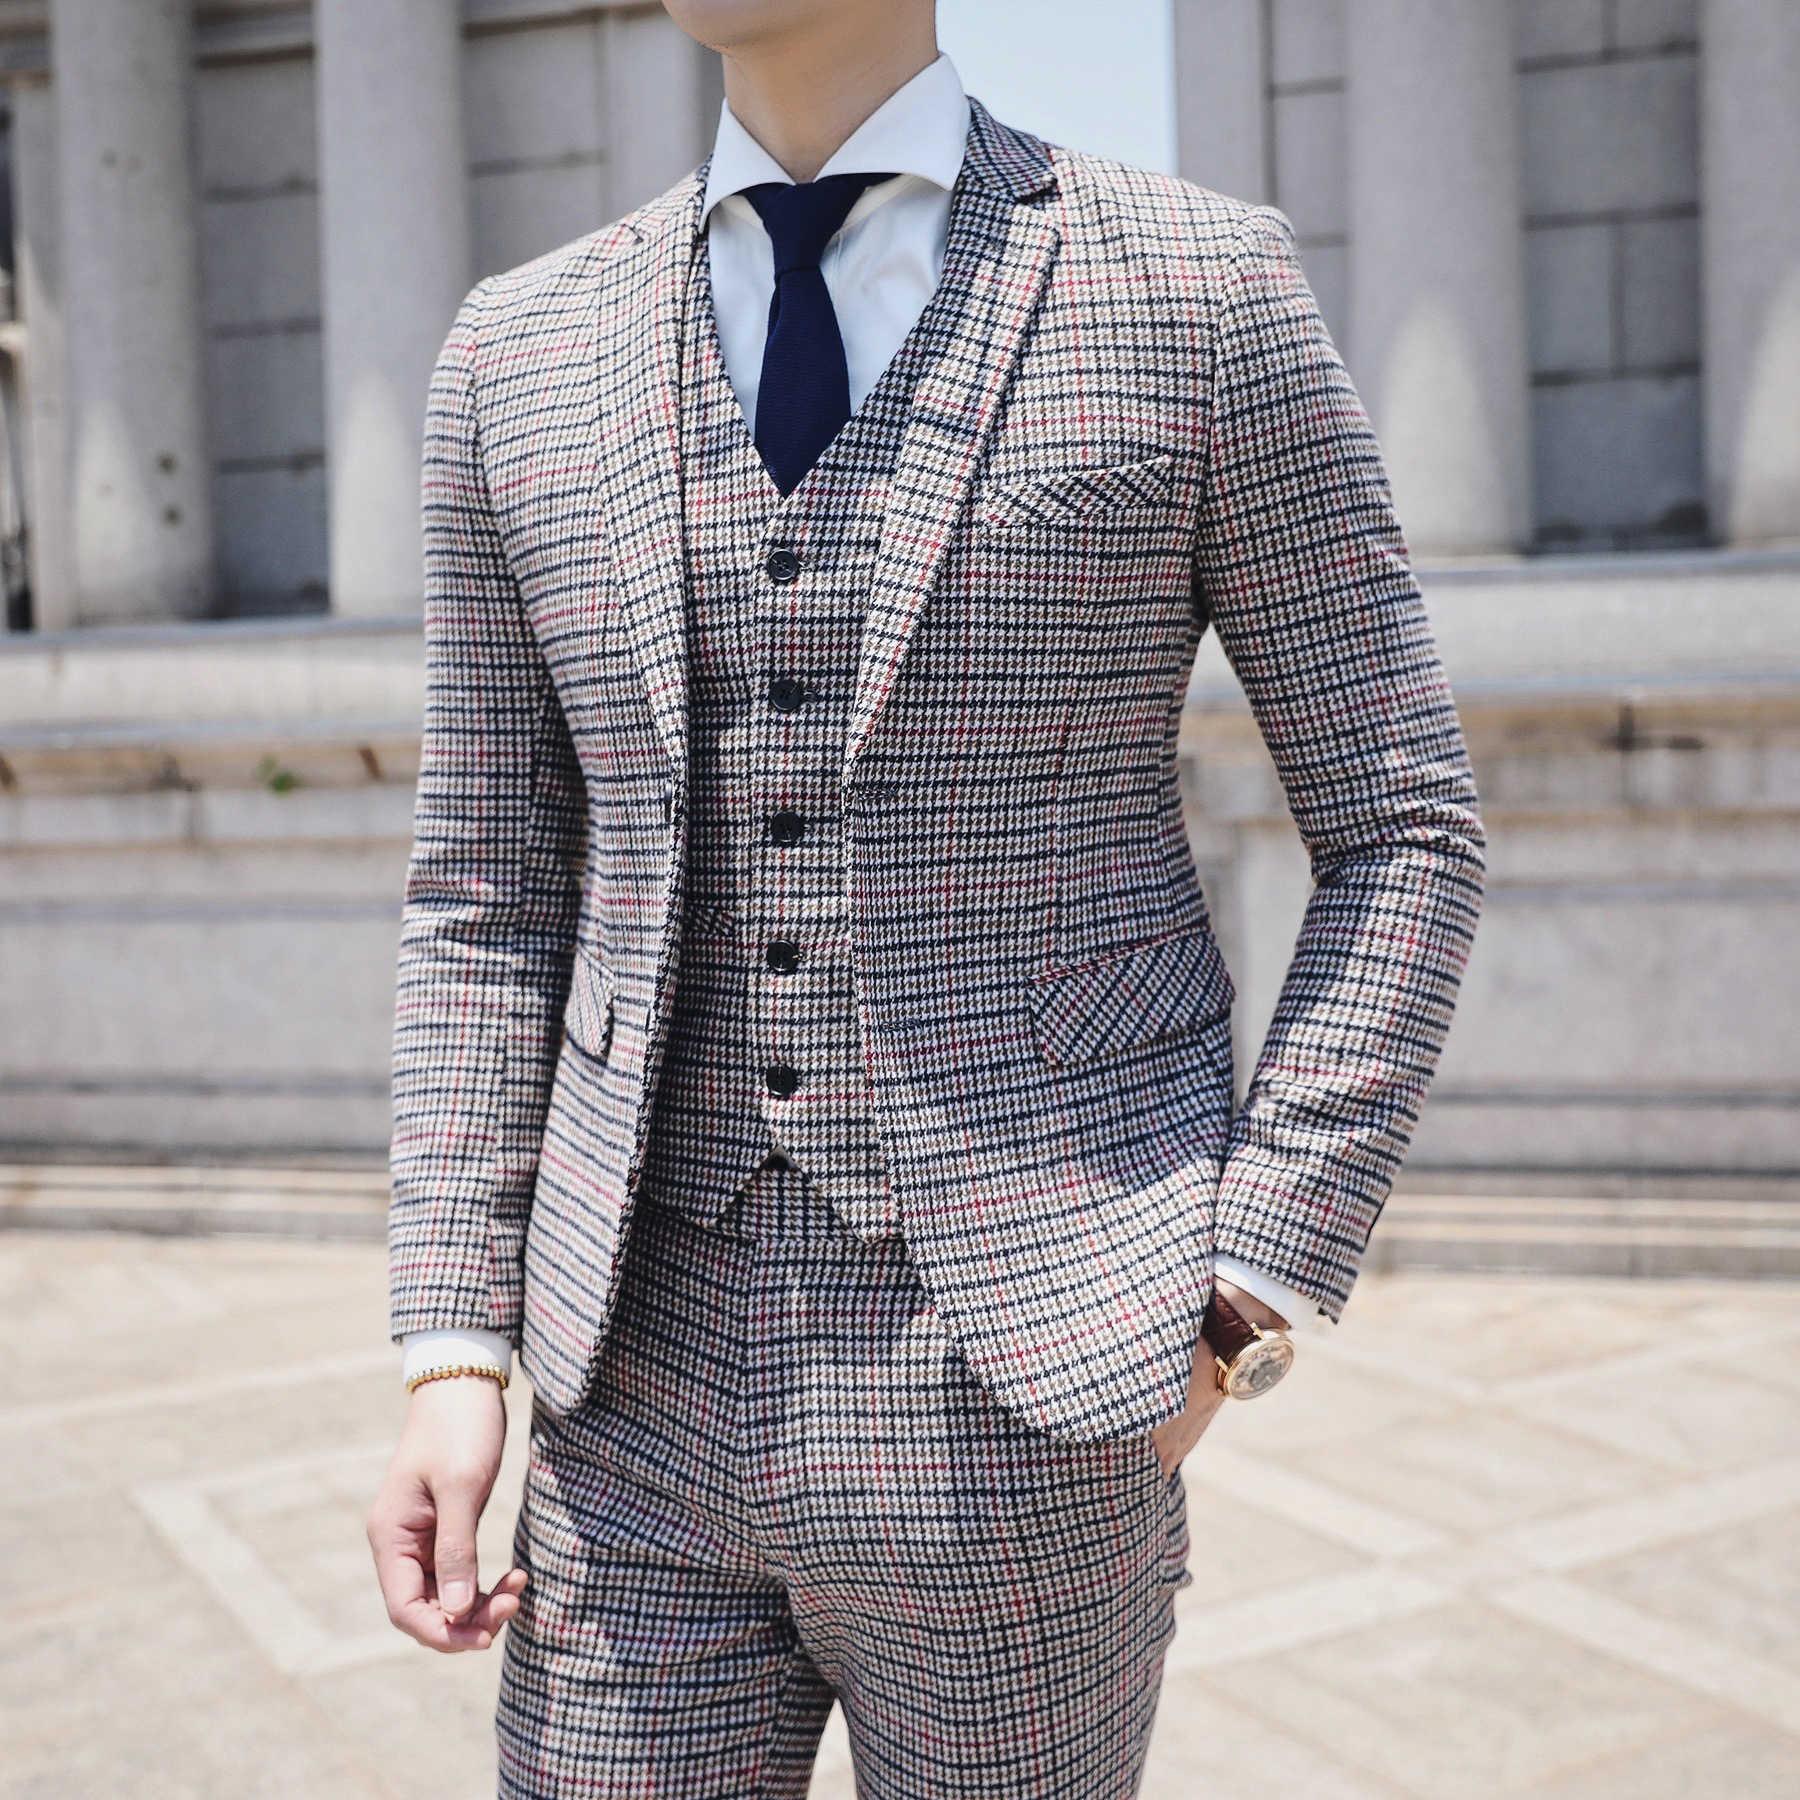 Heren Kostuums Smoking Uomo Business Office Suit Autumn Traje Novio 3 Pieces Plaid Check Men Suit Vintage Retro Men Tuxedo Suit